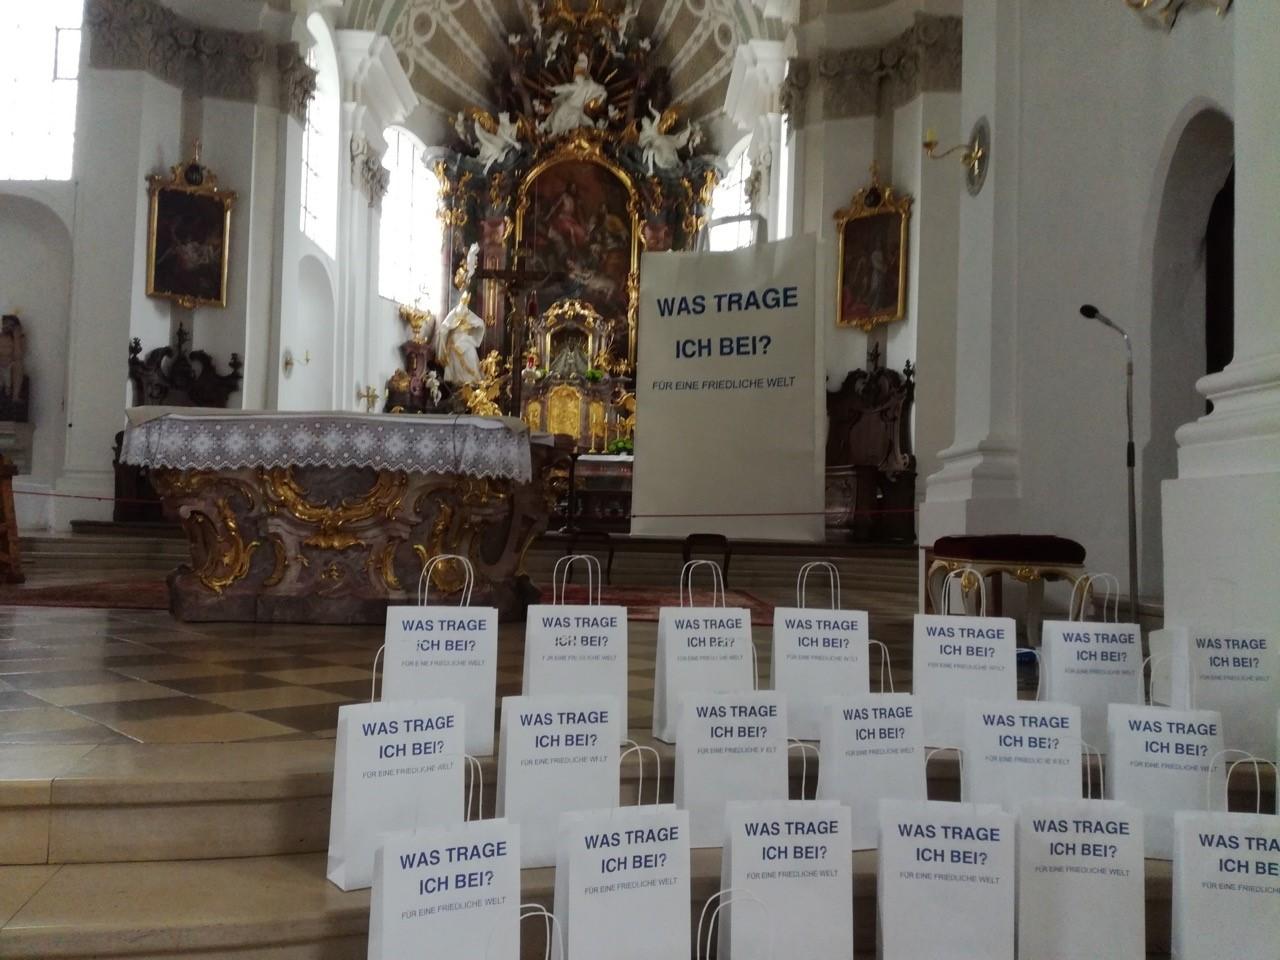 Eine 3,5m hohe Papiertüte steht gemeinsam mit kleinen aufgereihten Papiertüten in einer Kirche neben einem barocken Altar.